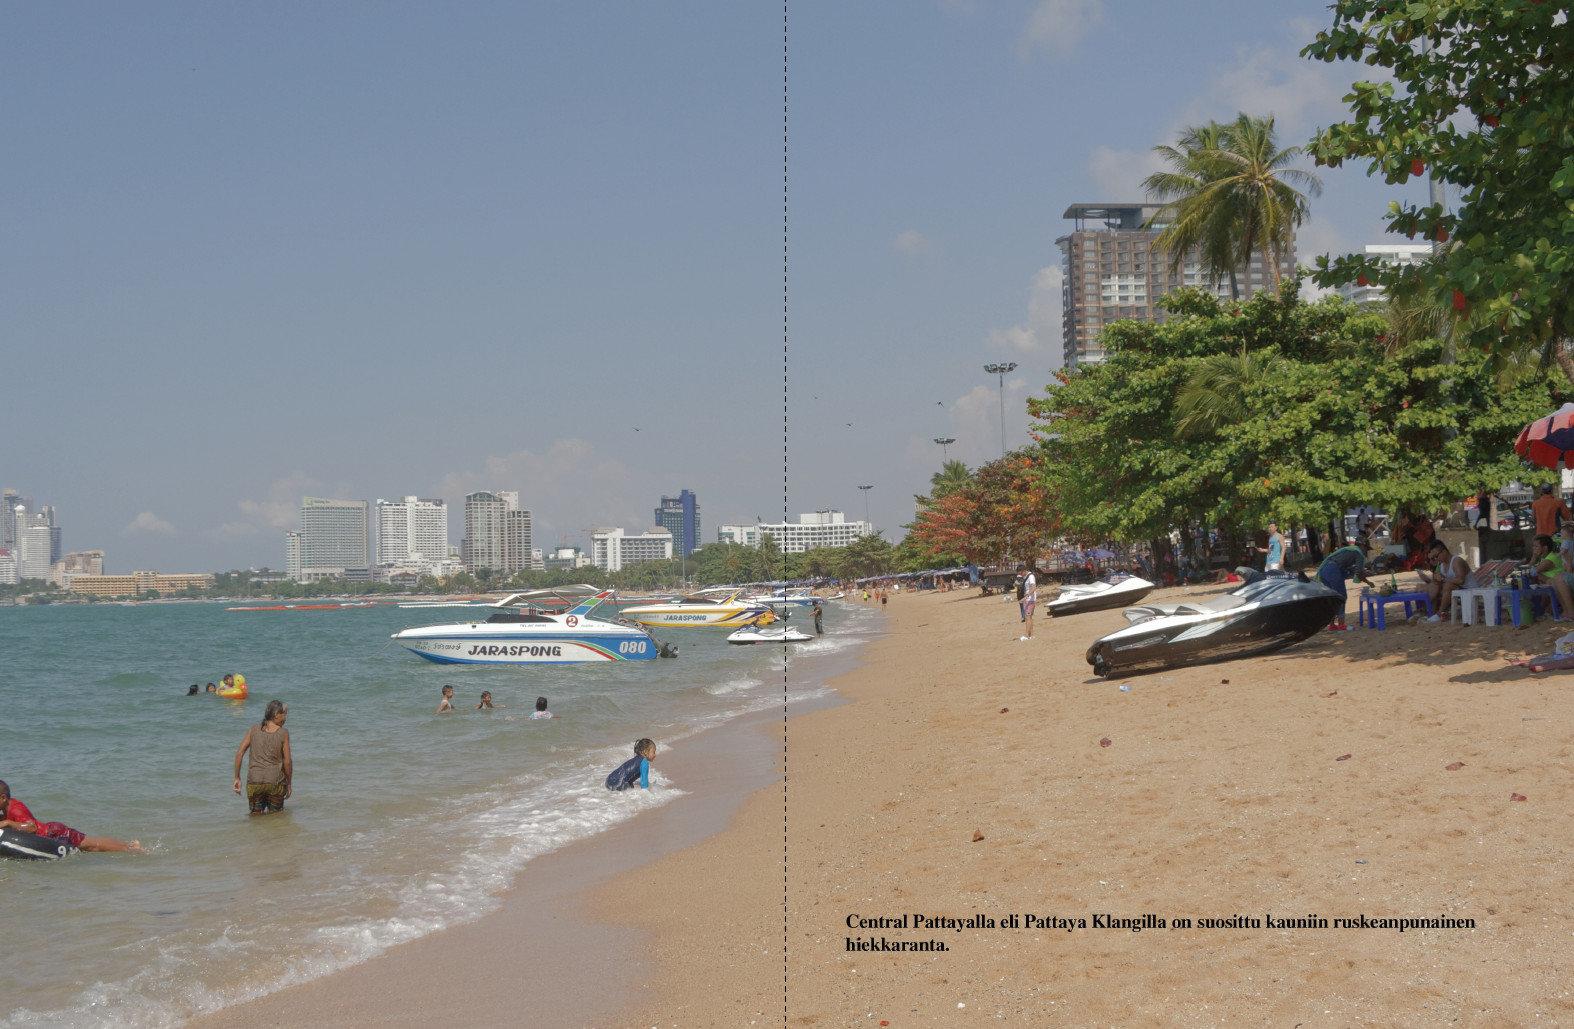 Pattayan hiekkarantaa